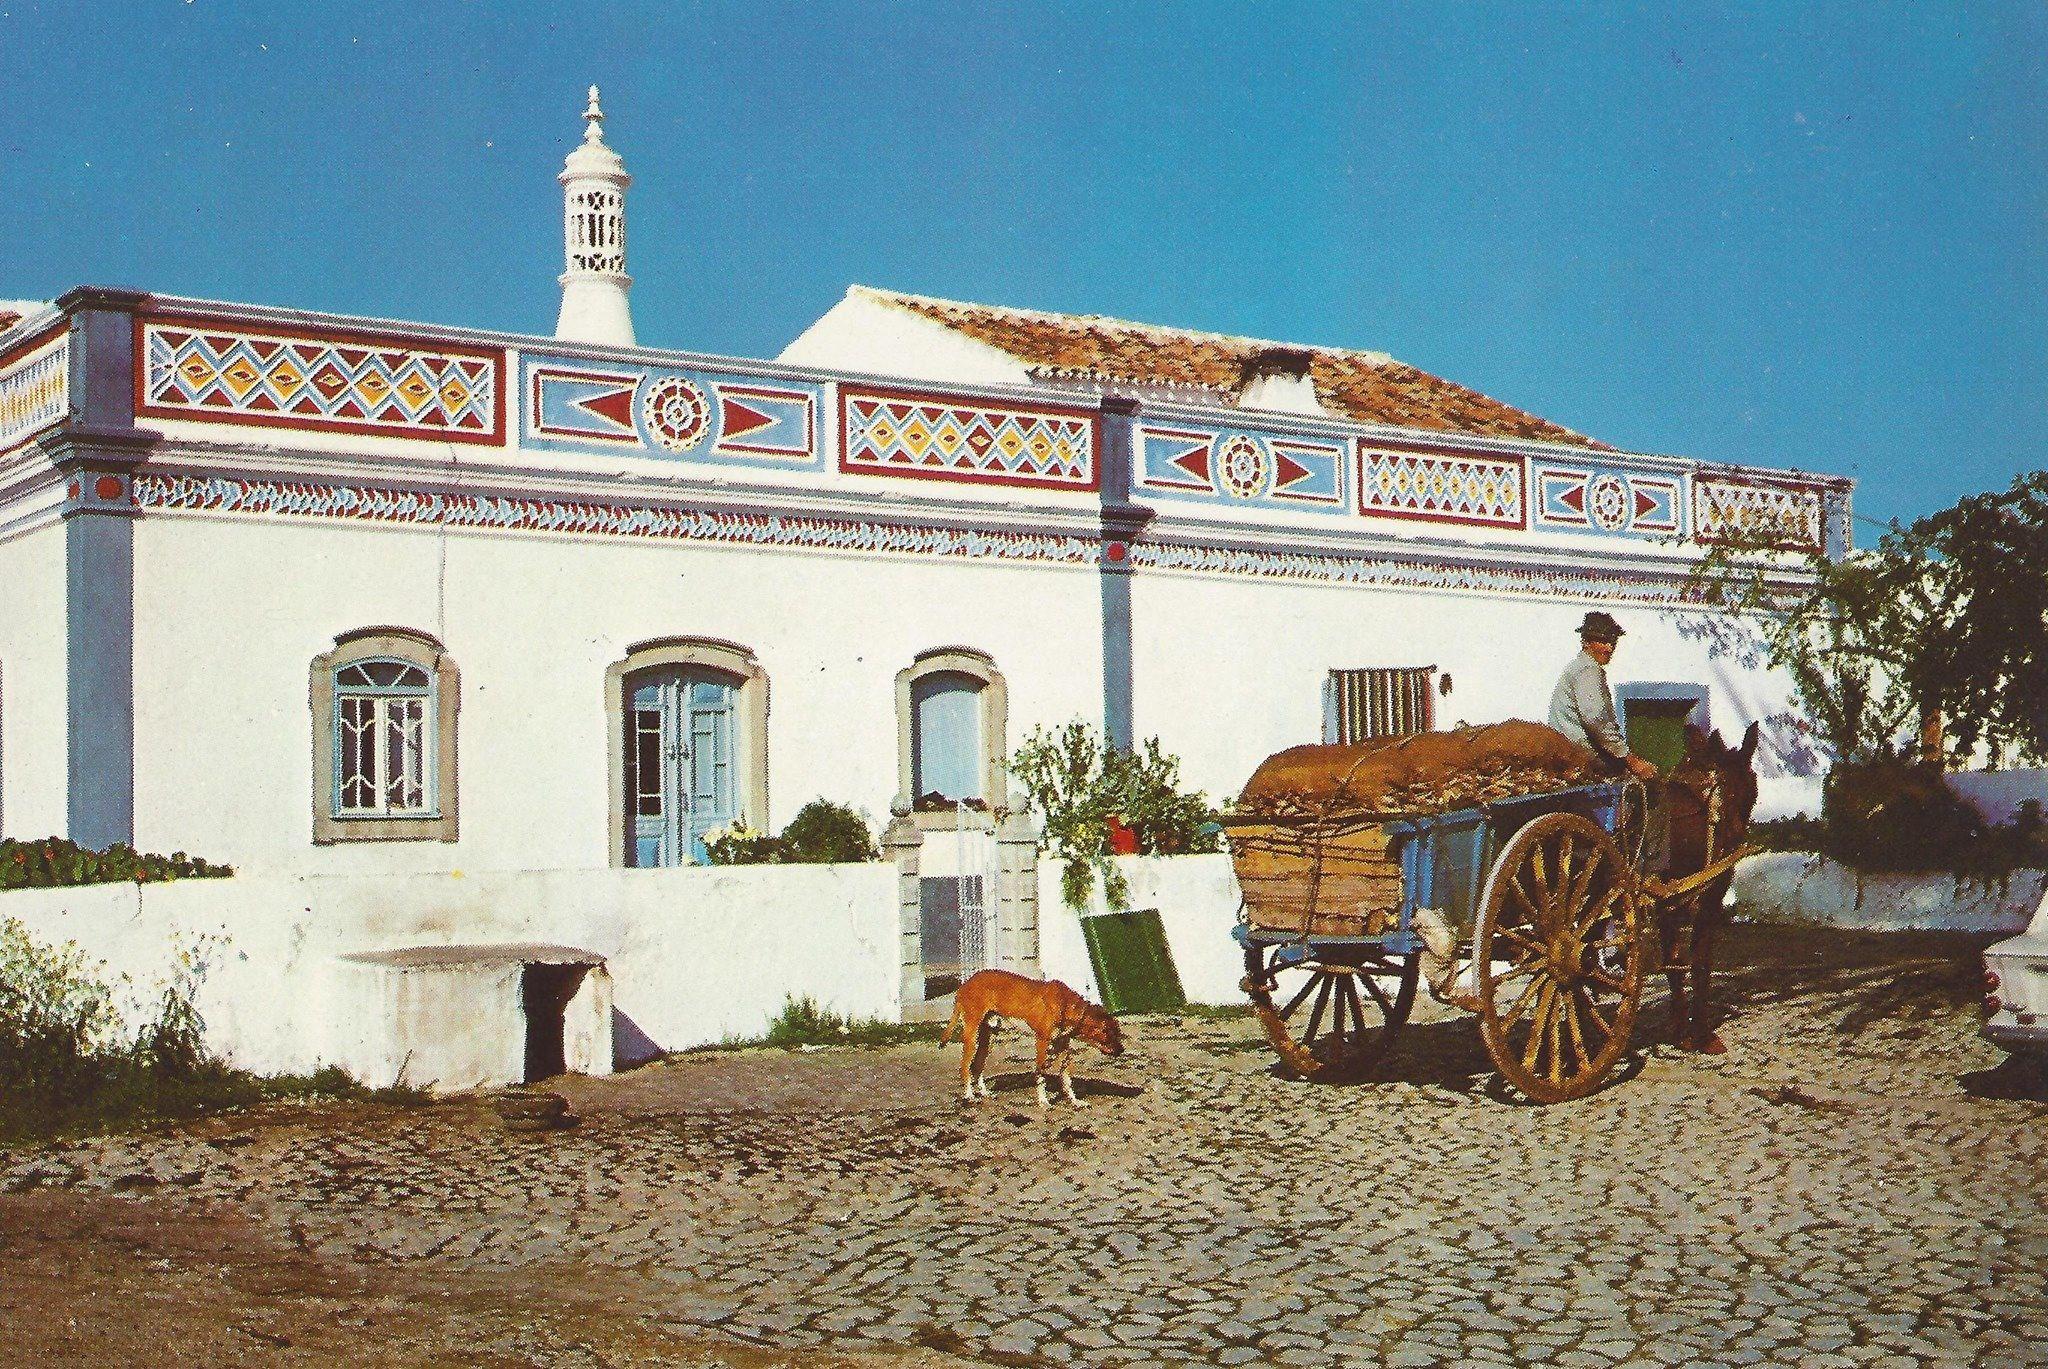 Casa algarvia Casas tipicas, Algarve, Casas